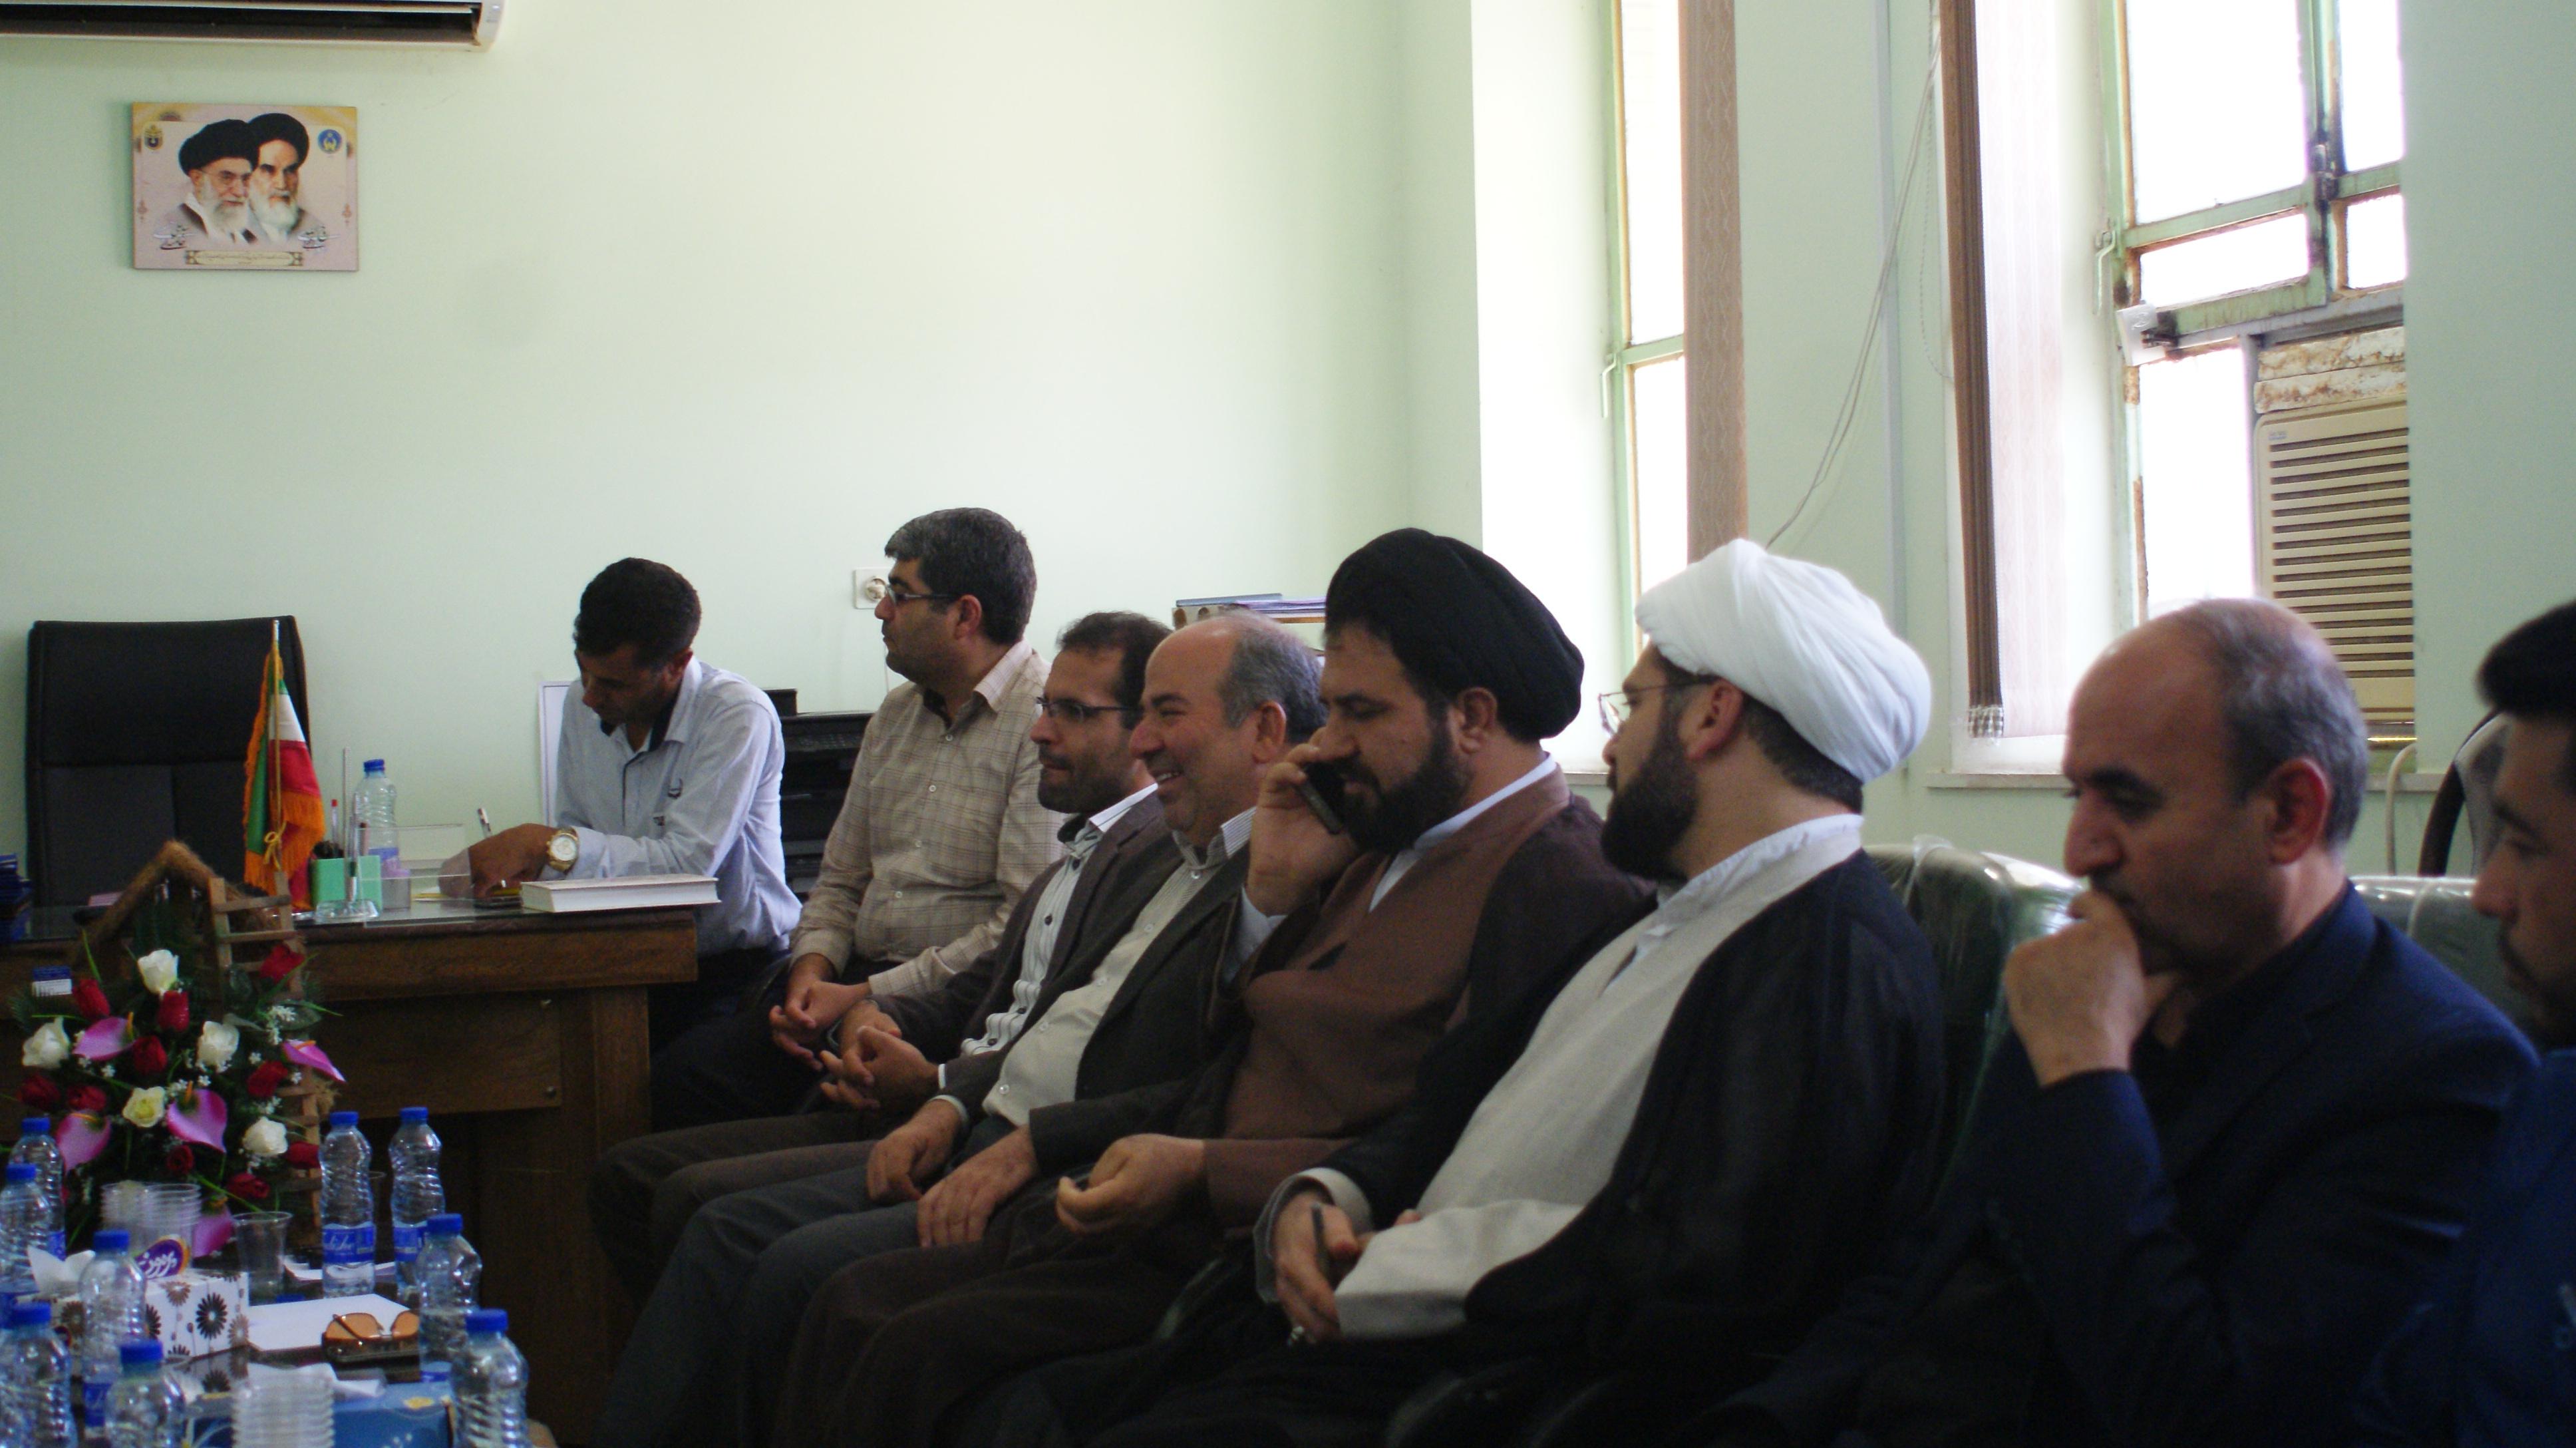 جلسه  پر تنش پیشگیری از تخریب منابع طبیعی  داراب با حضور مدیر کل منابع طبیعی فارس برگزار شد/ جاده تنگ کتویه تهدیدی برای شهر داراب  است